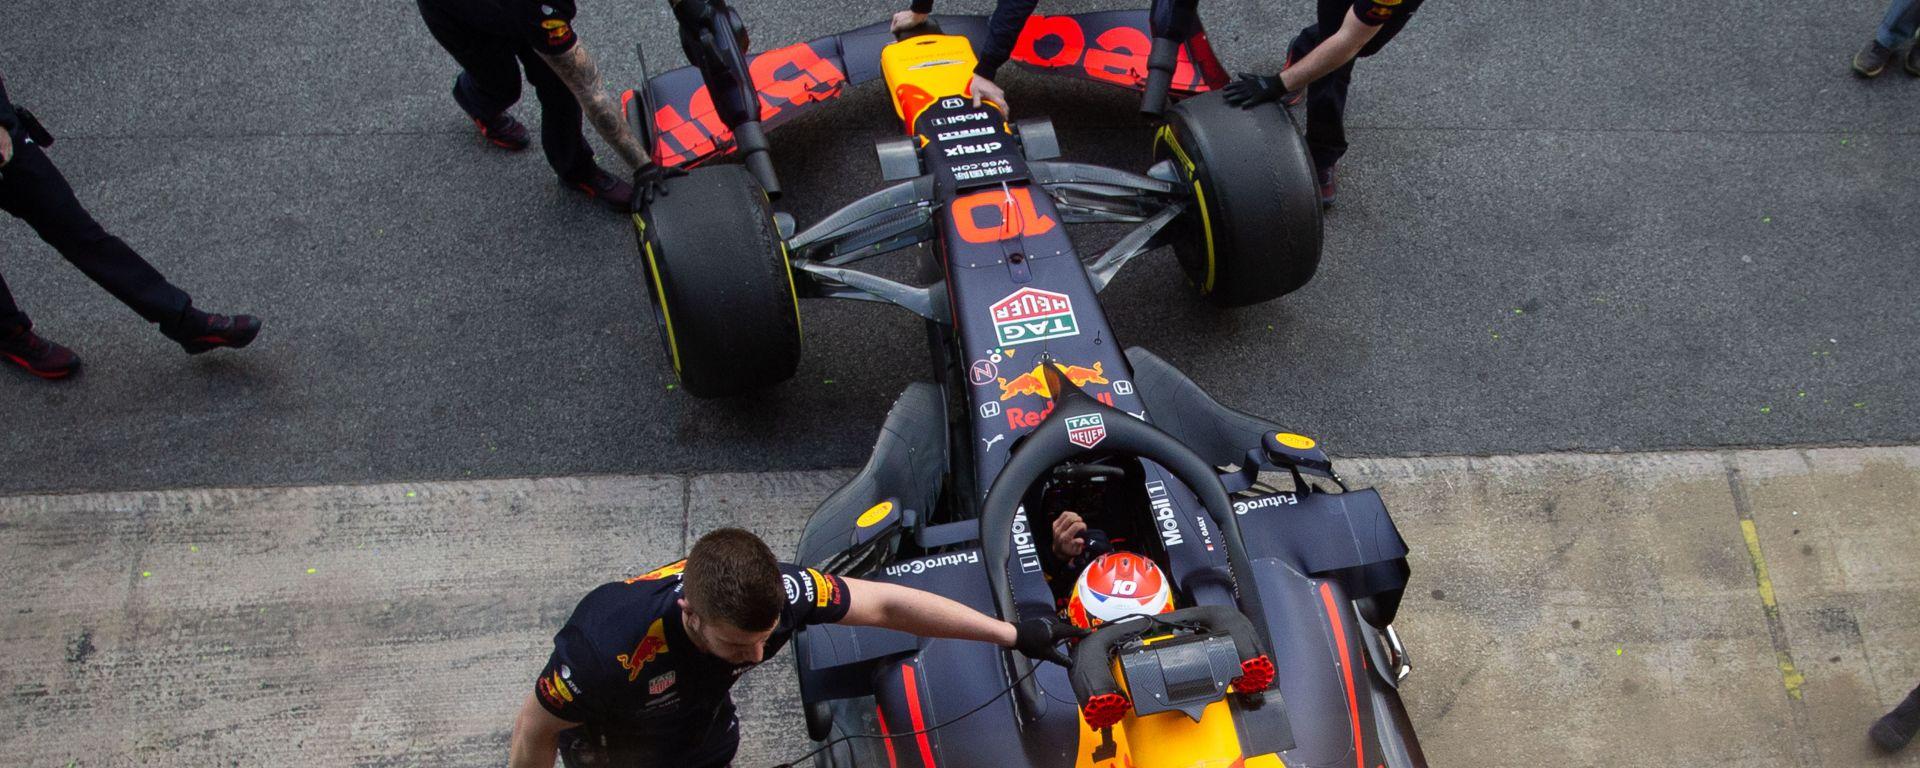 La Red Bull è l'ultima scuderia a svelare la data di presentazione della nuova vettura